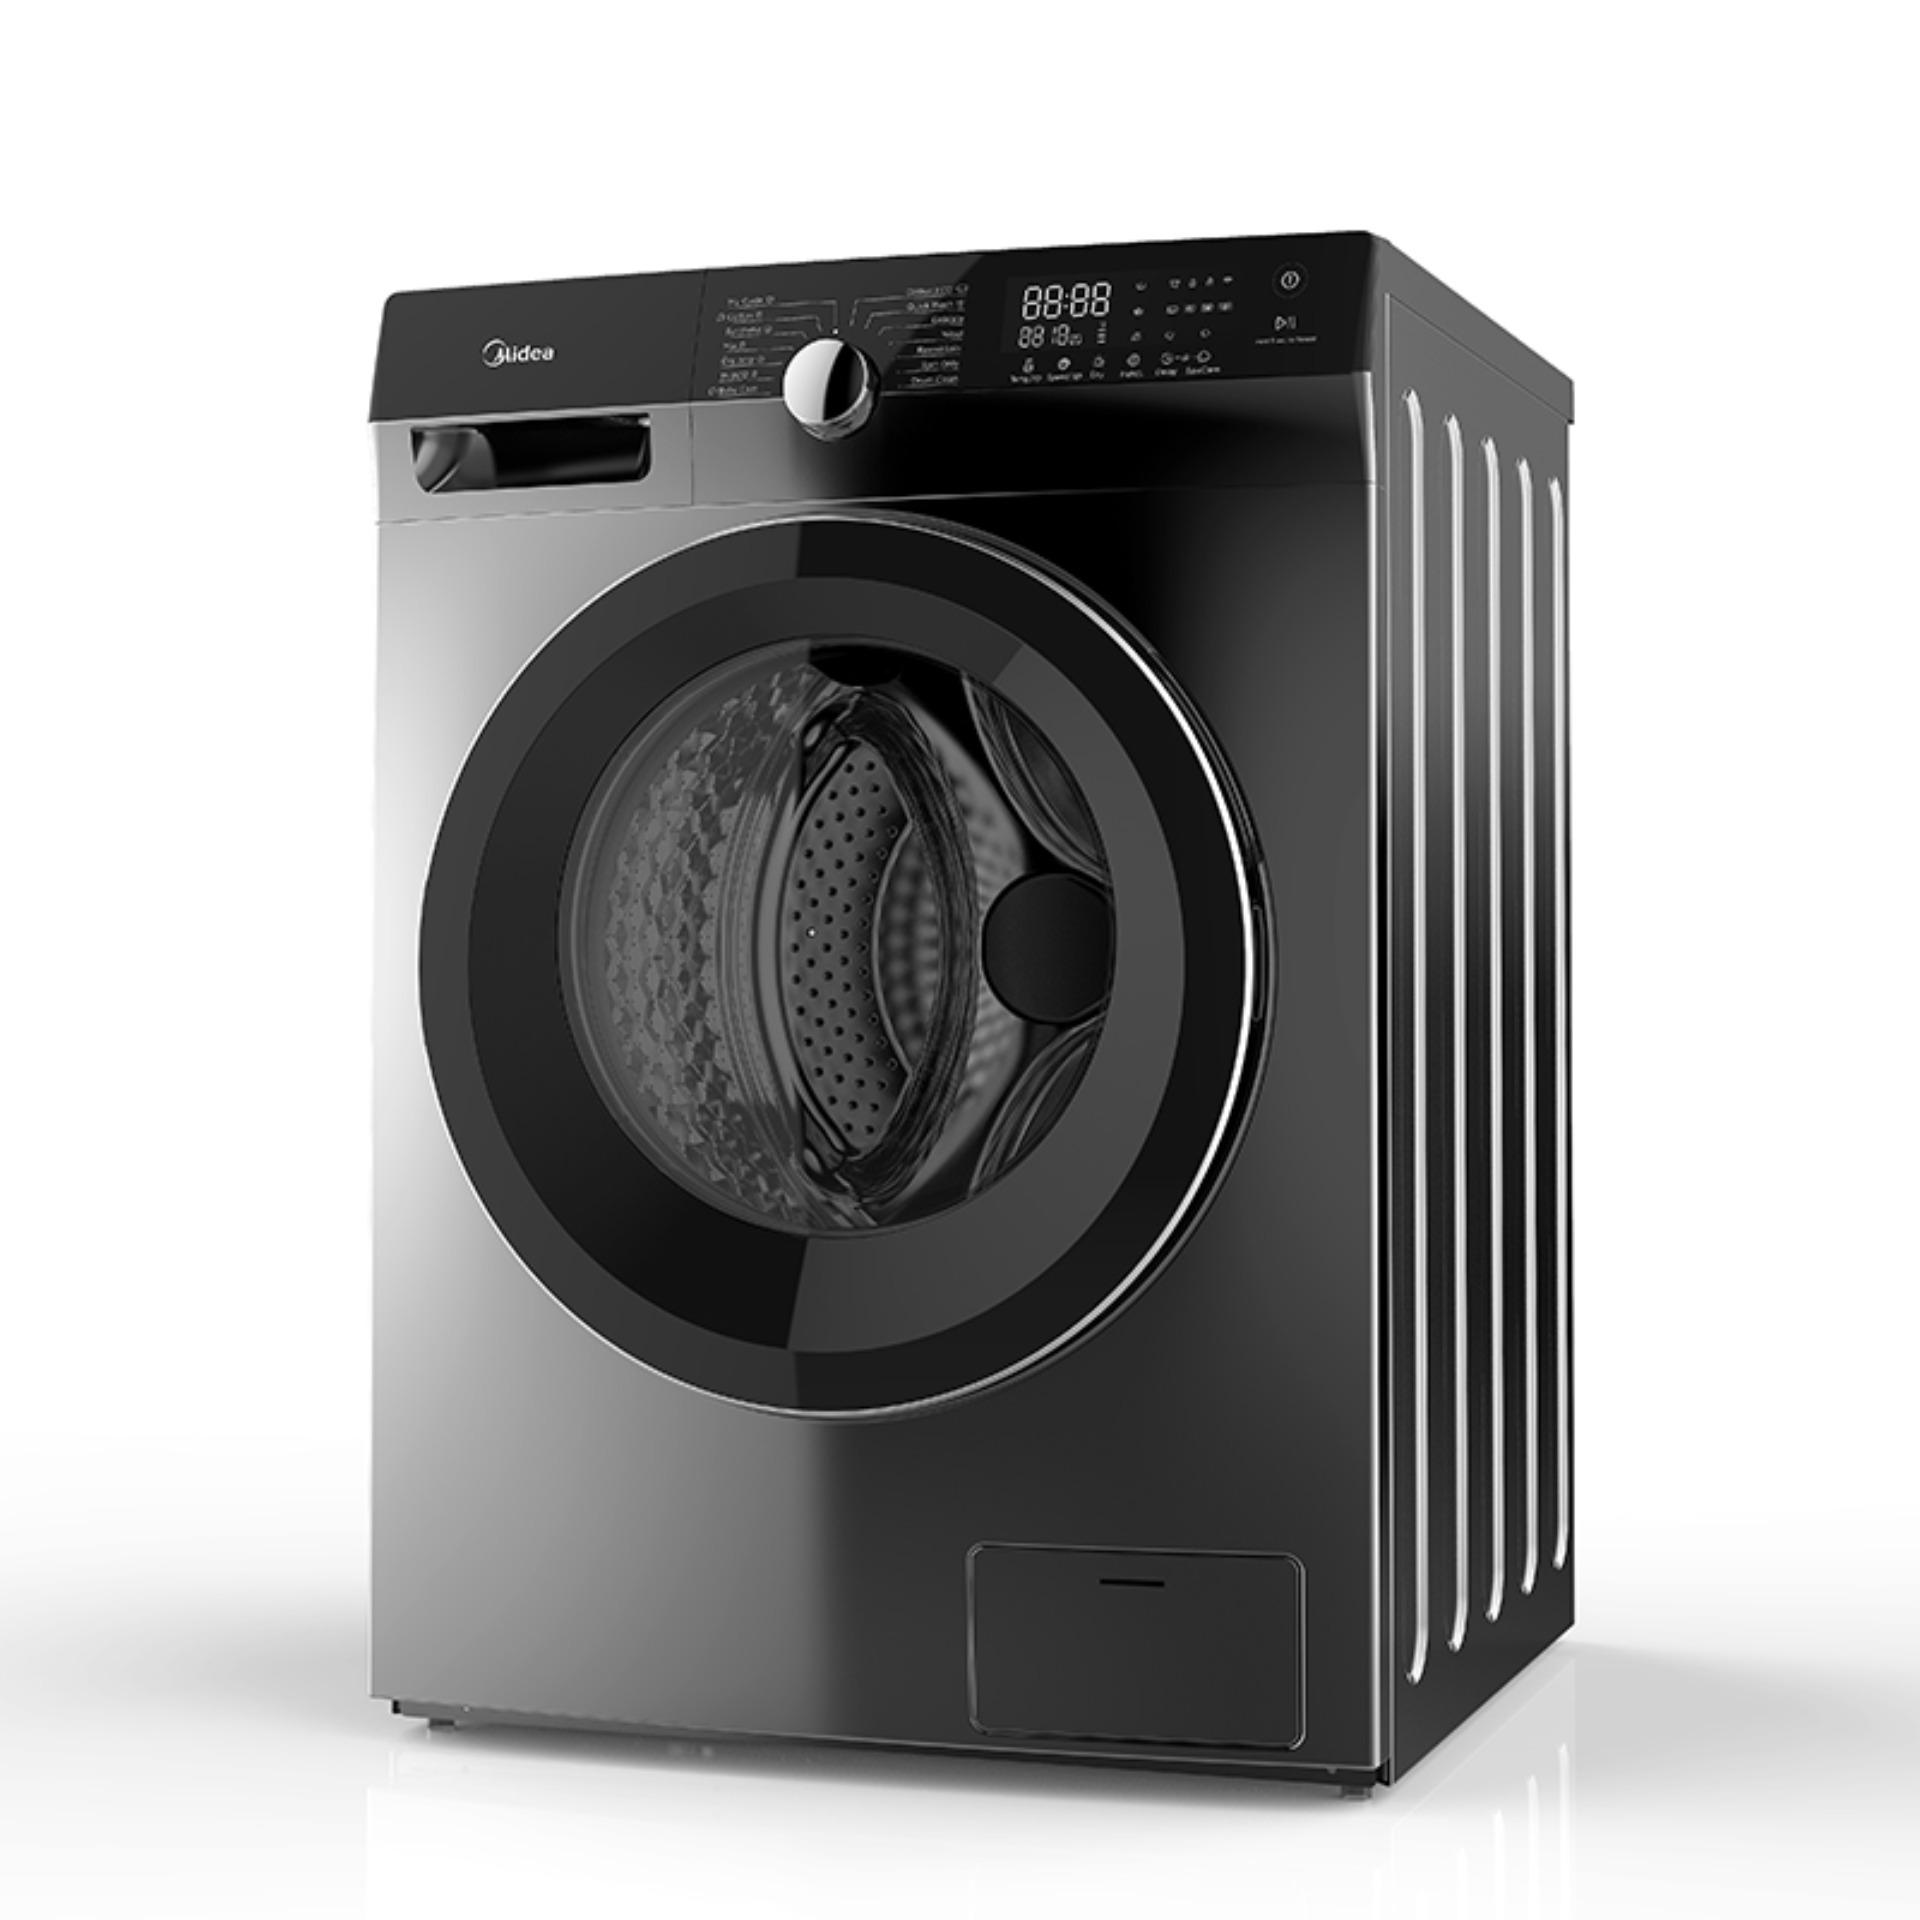 Shop bán Máy Giặt Cửa Trước Midea MFK85-1401 8.5kg (Trắng/Xám Bạc) - Dòng  cao cấp - Tính năng diệt khuẩn đến 99% - 14 Chế Độ Giặt bảo vệ quần áo và